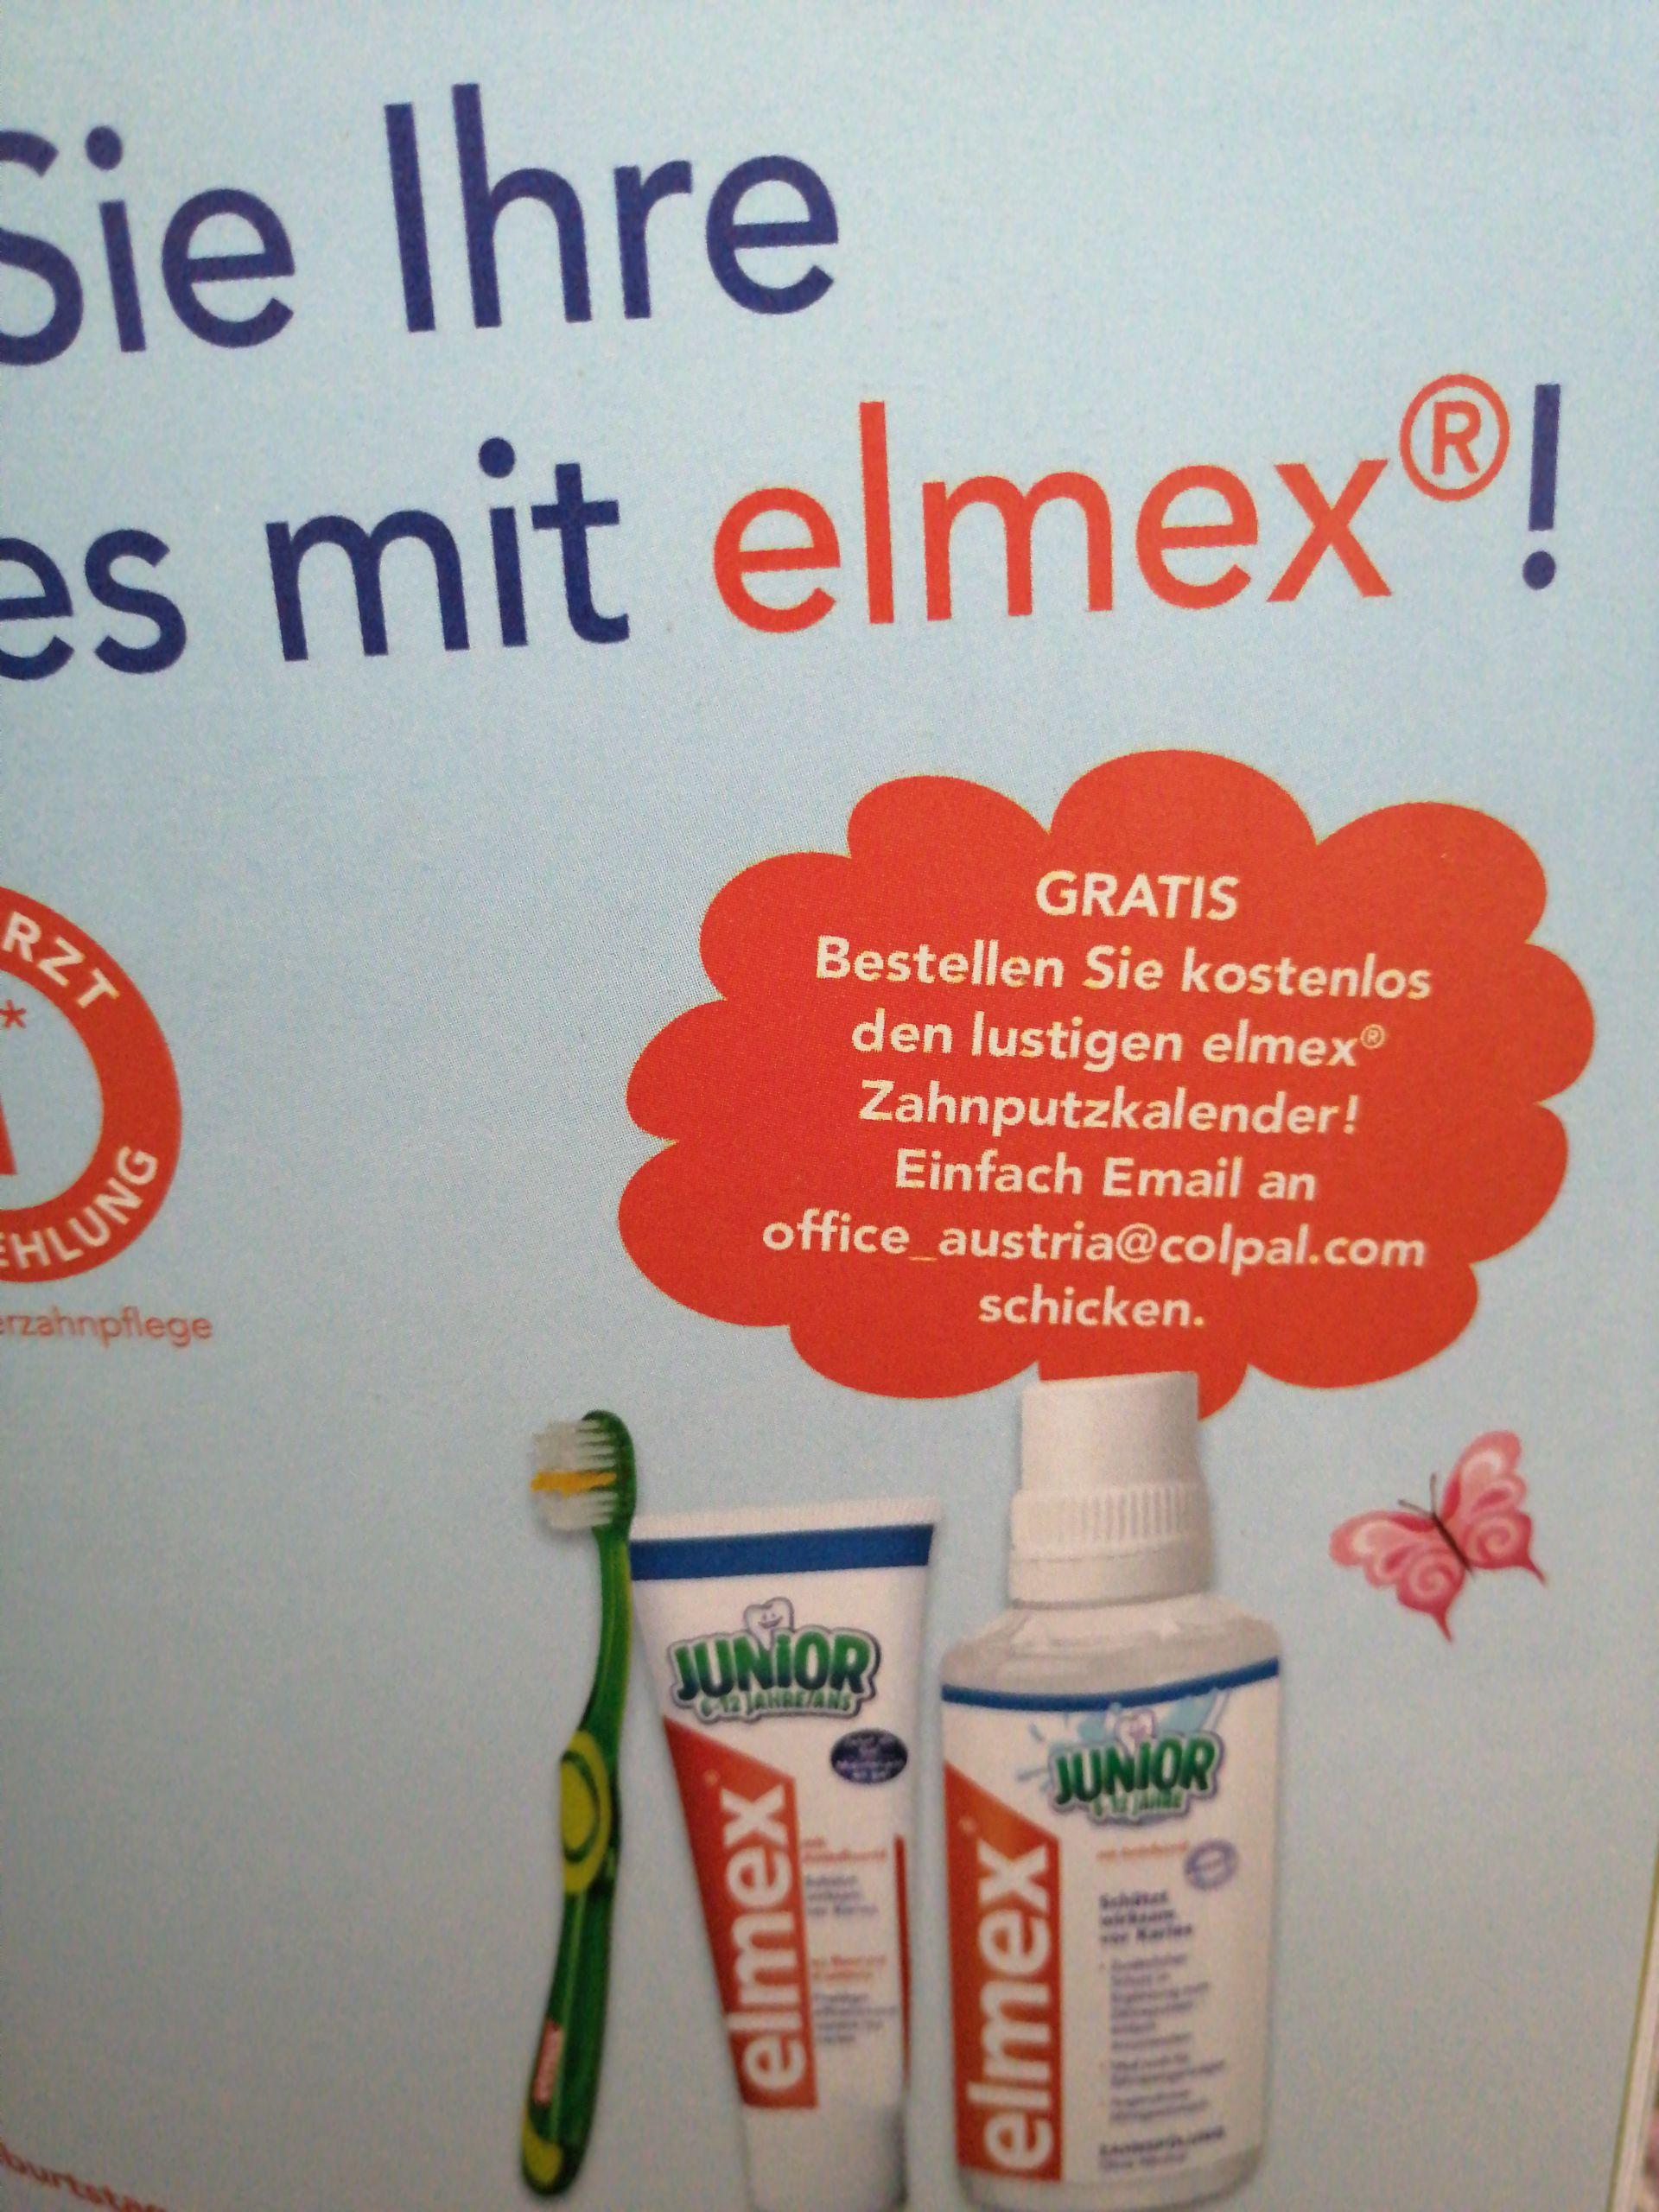 Zahnputzkalender bei Elmex bestellen GRATIS